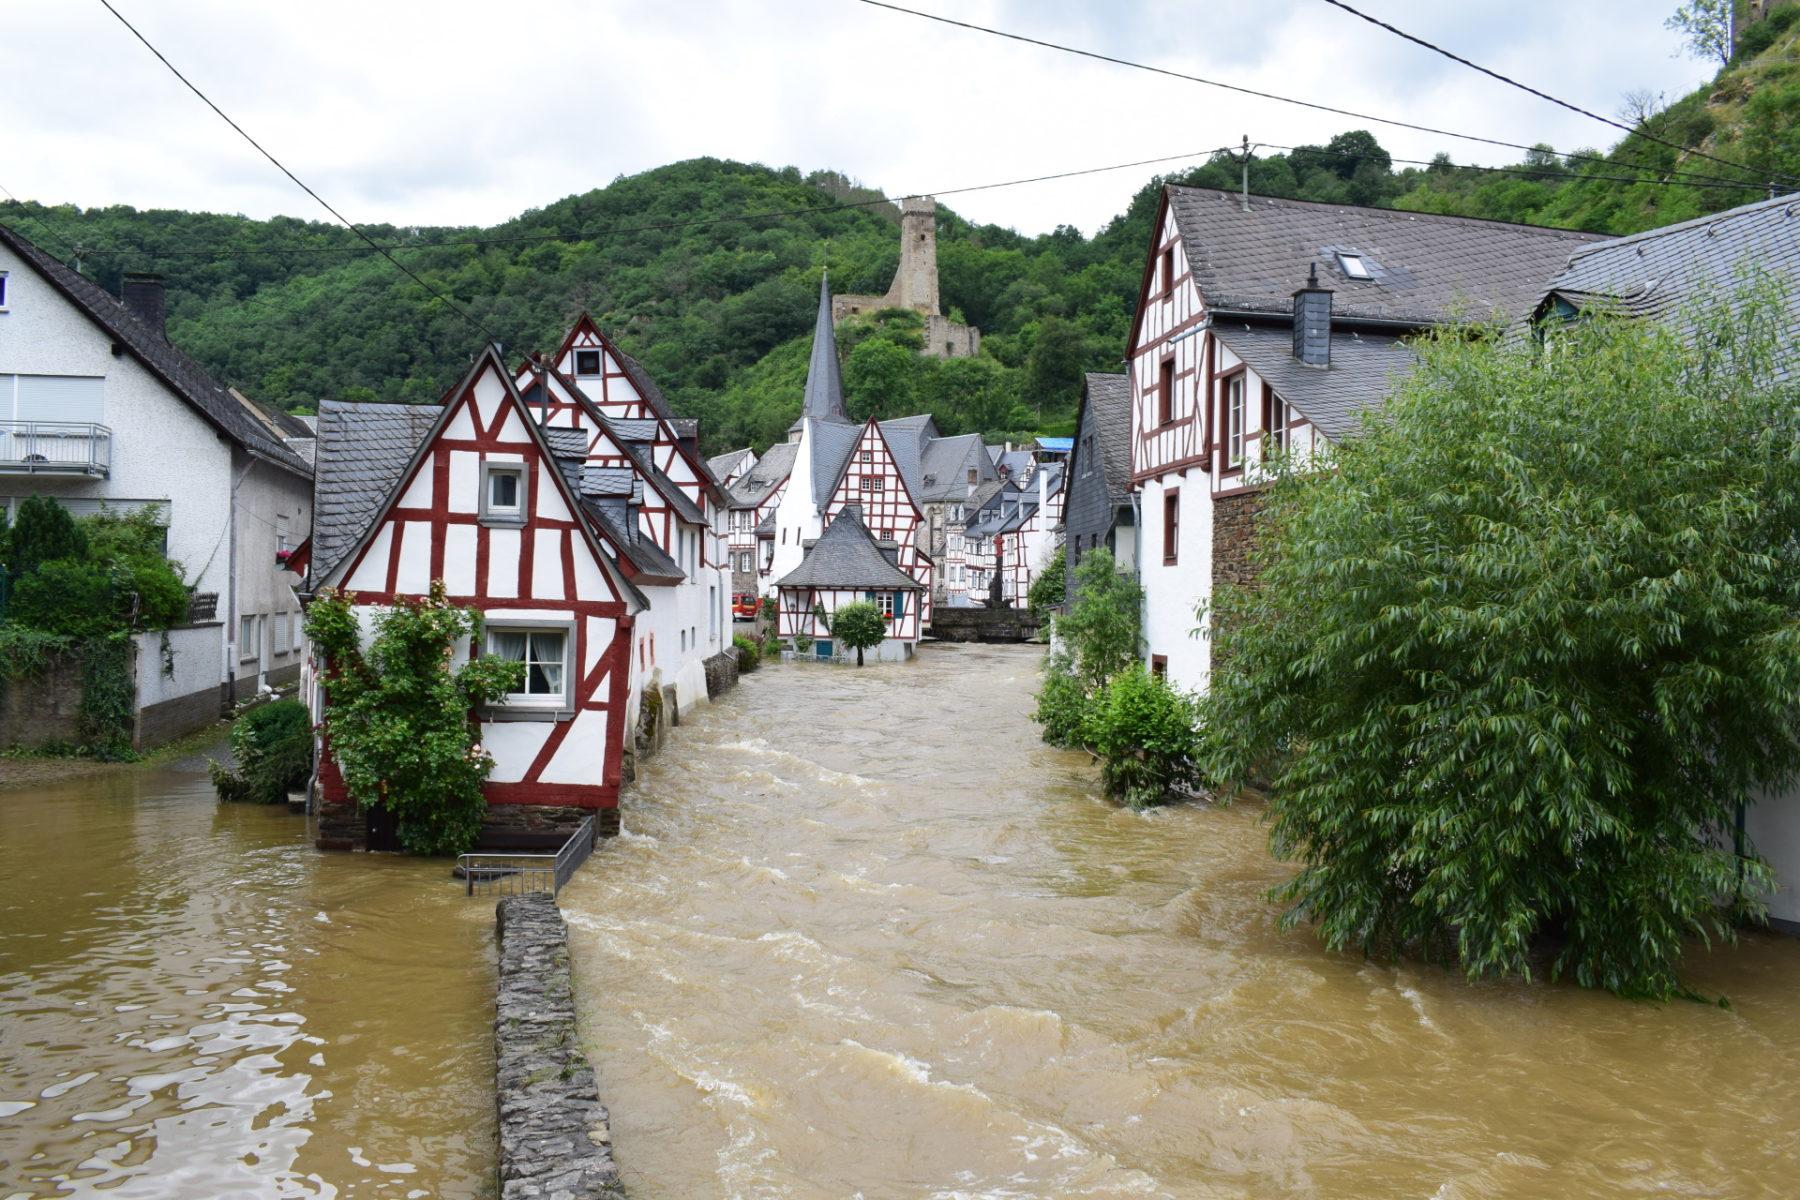 Hochwasser in der Eifel 2021